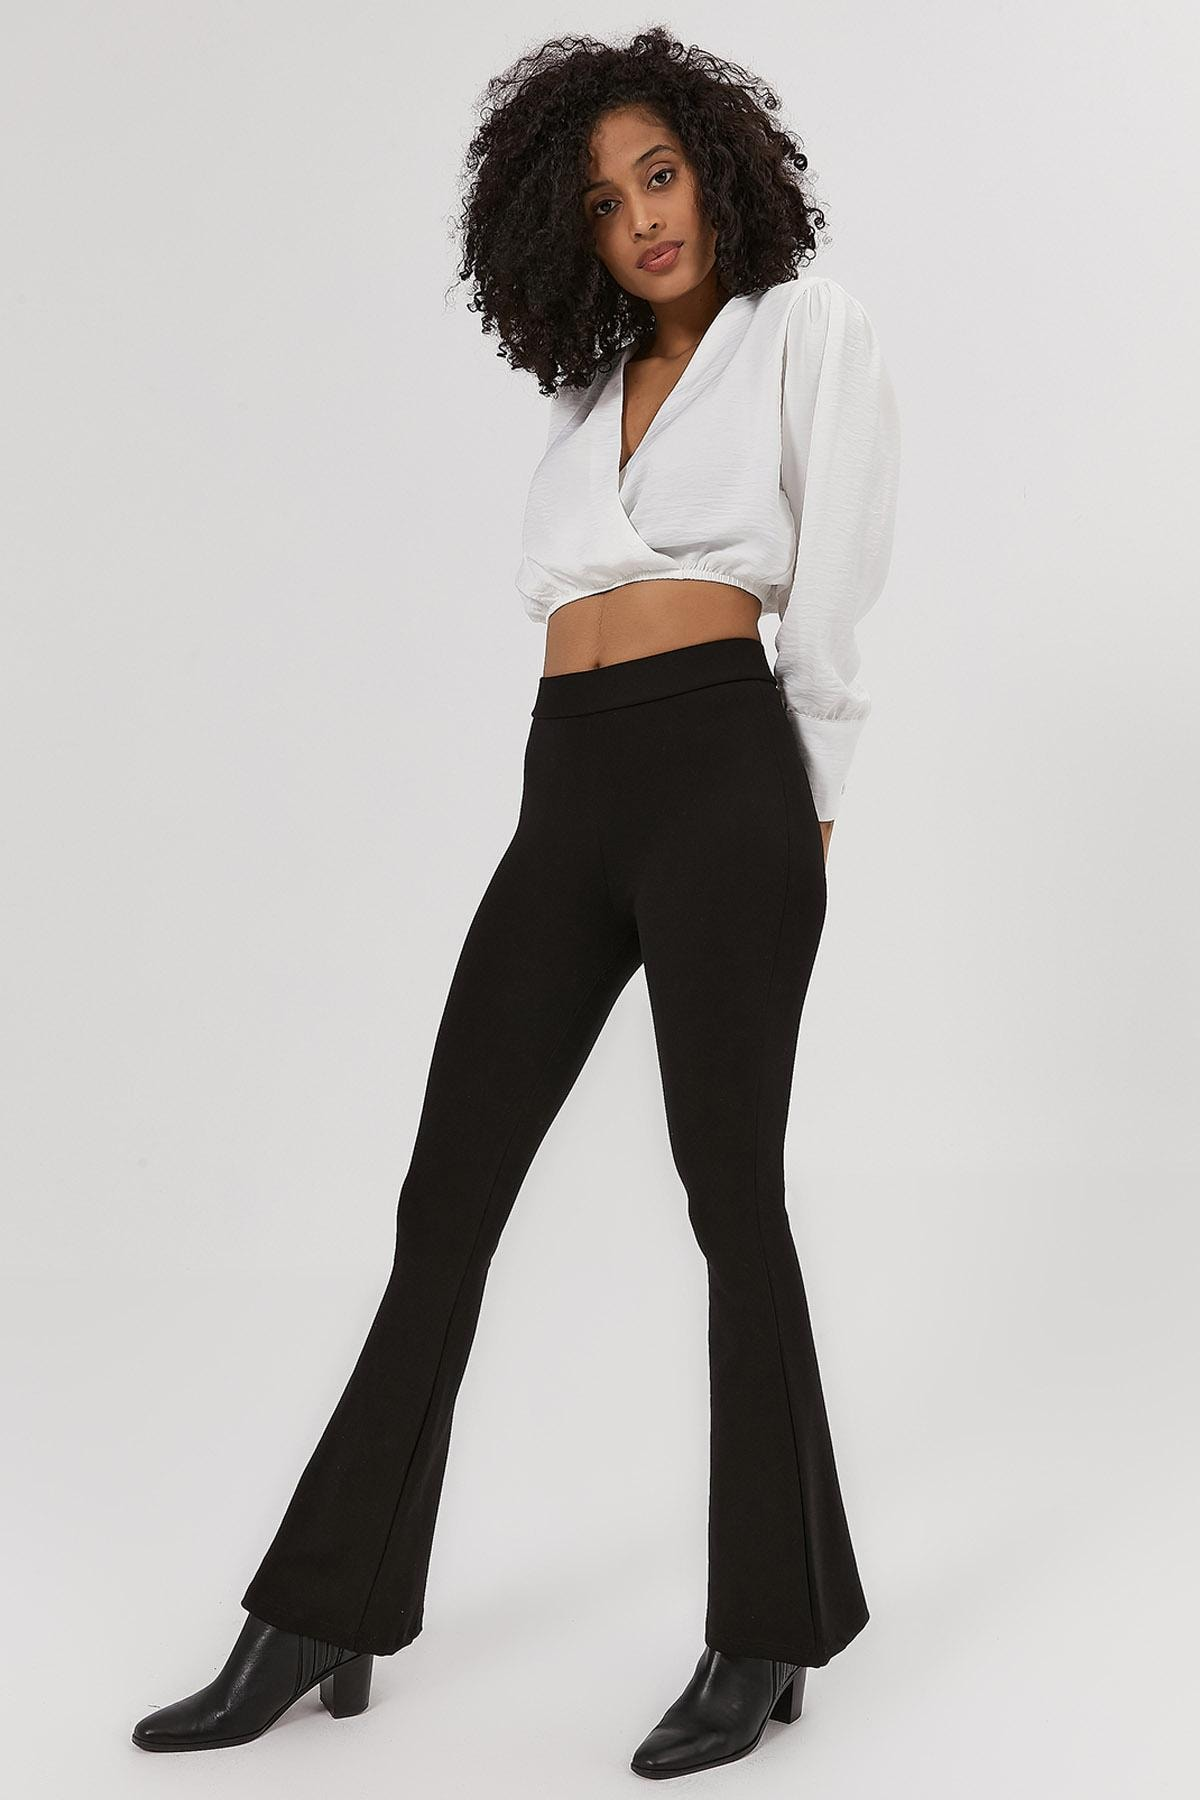 Y-London Kadın Siyah İspanyol Paça Örme Tayt Pantolon Y20W103-0185 2